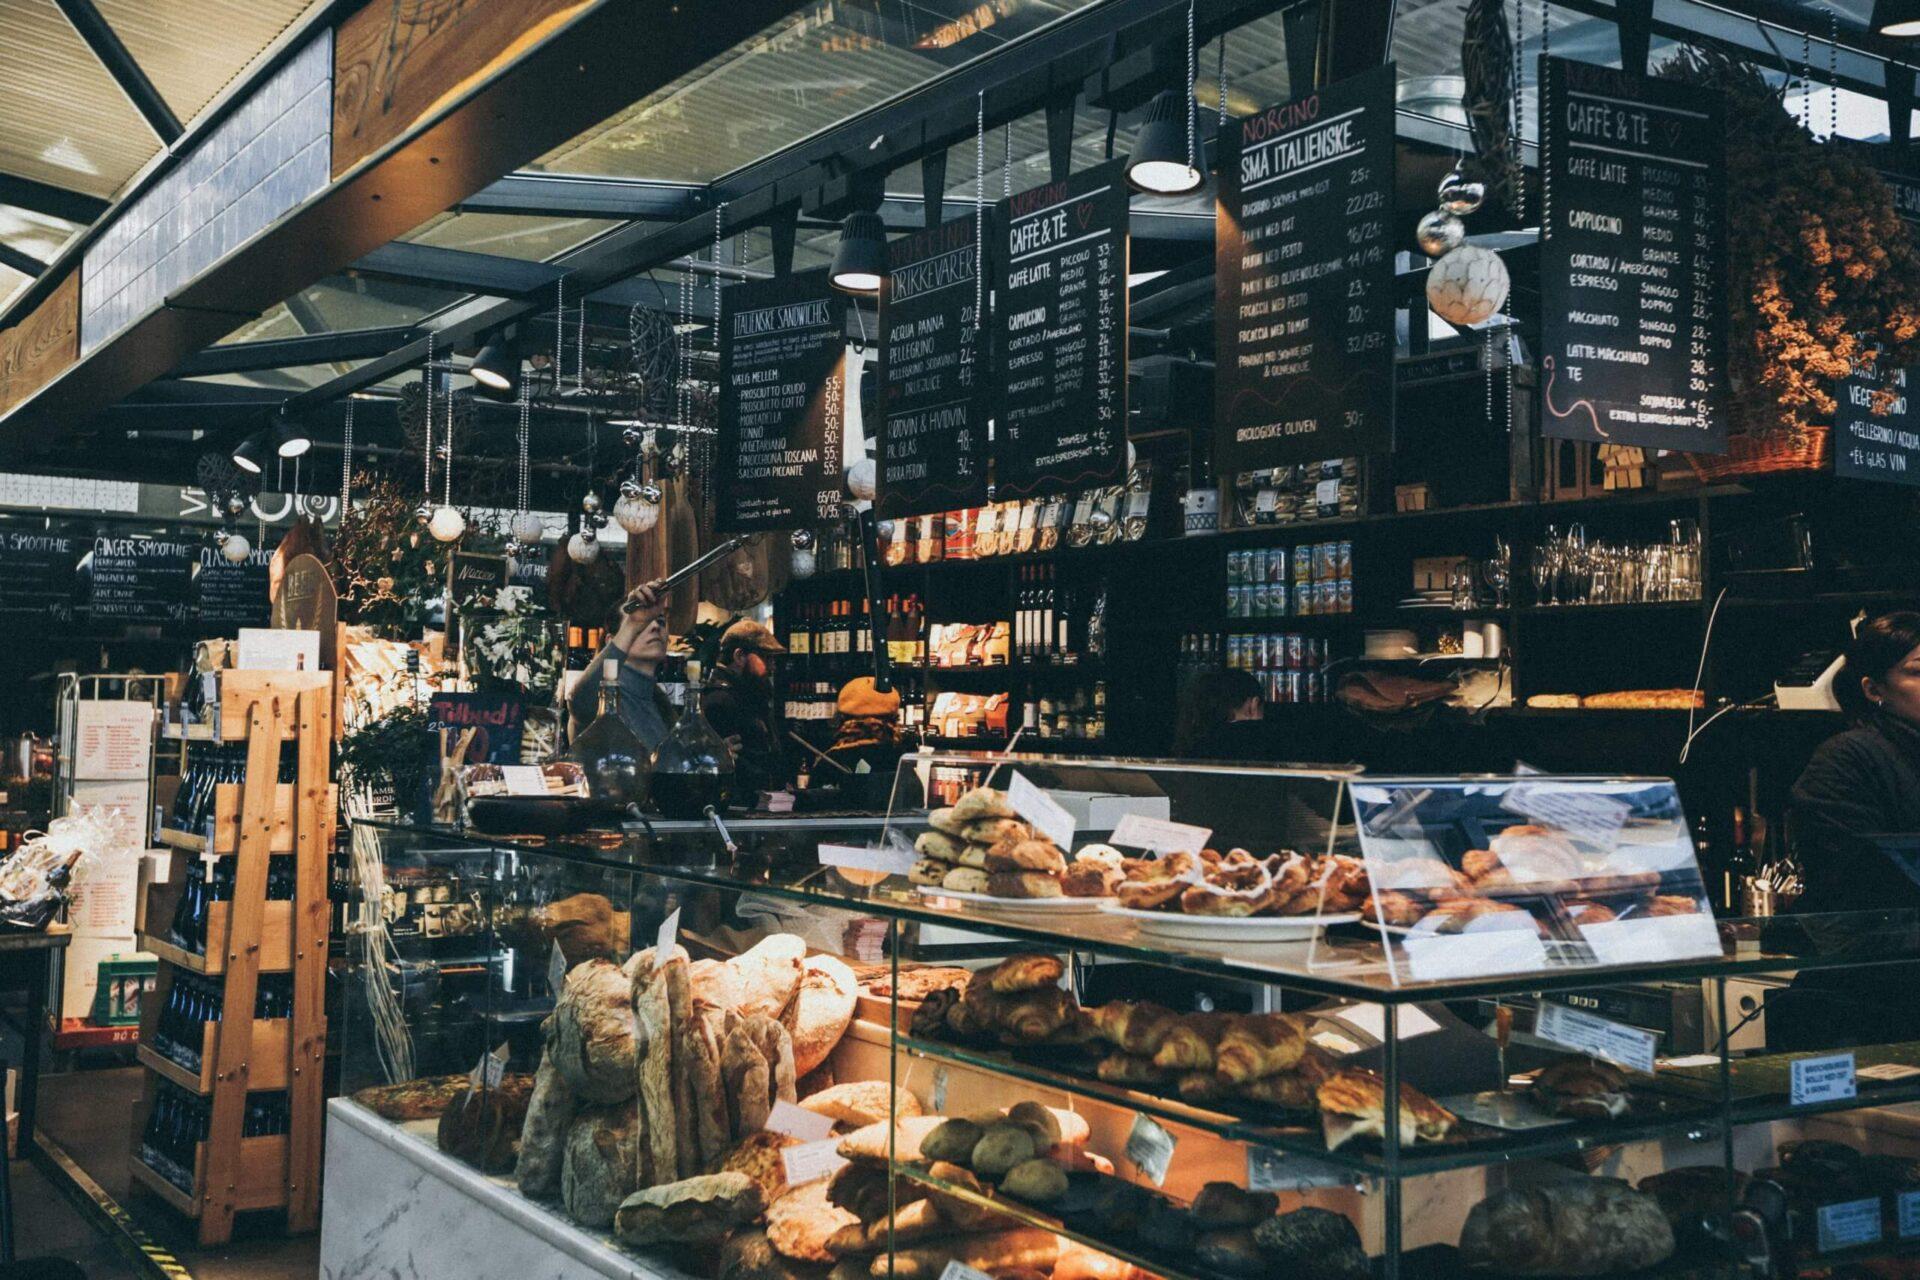 nick-karvounis-jN_M0McVNeI-unsplash-scaled パン屋を開業予定の方へ!店舗デザインはどうする?